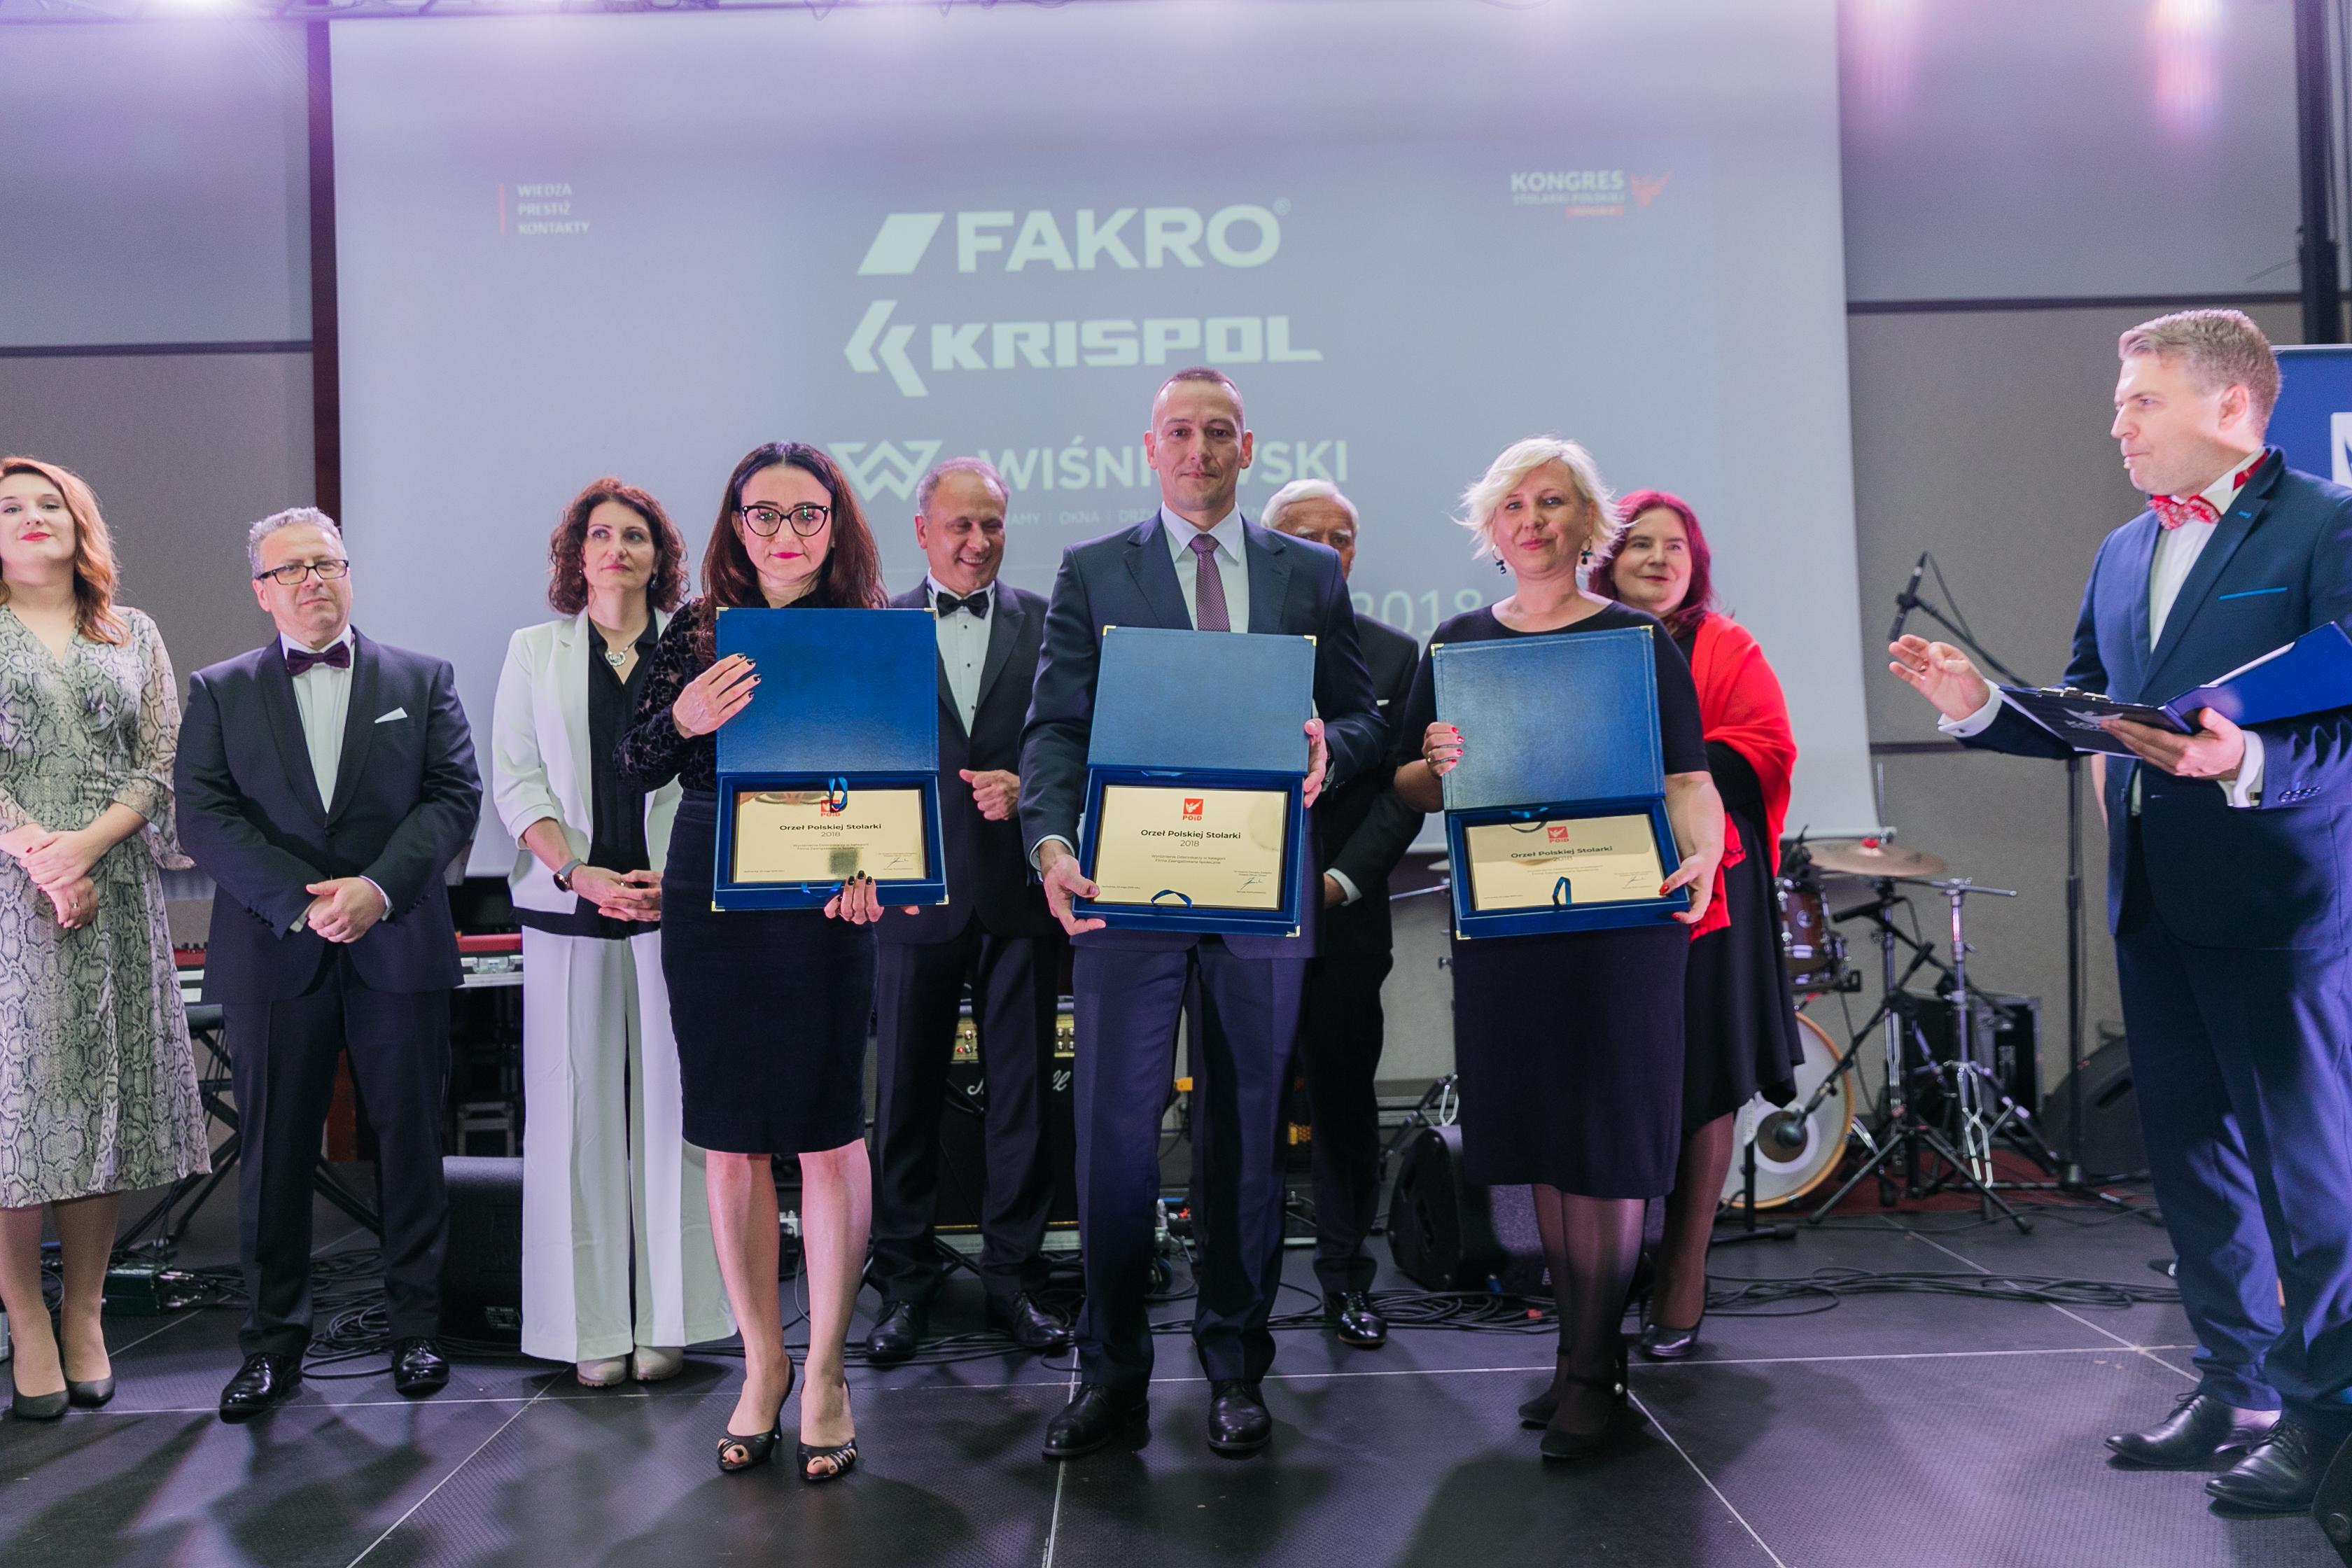 Firma KRISPOL doceniona za zaangażowanie społeczne